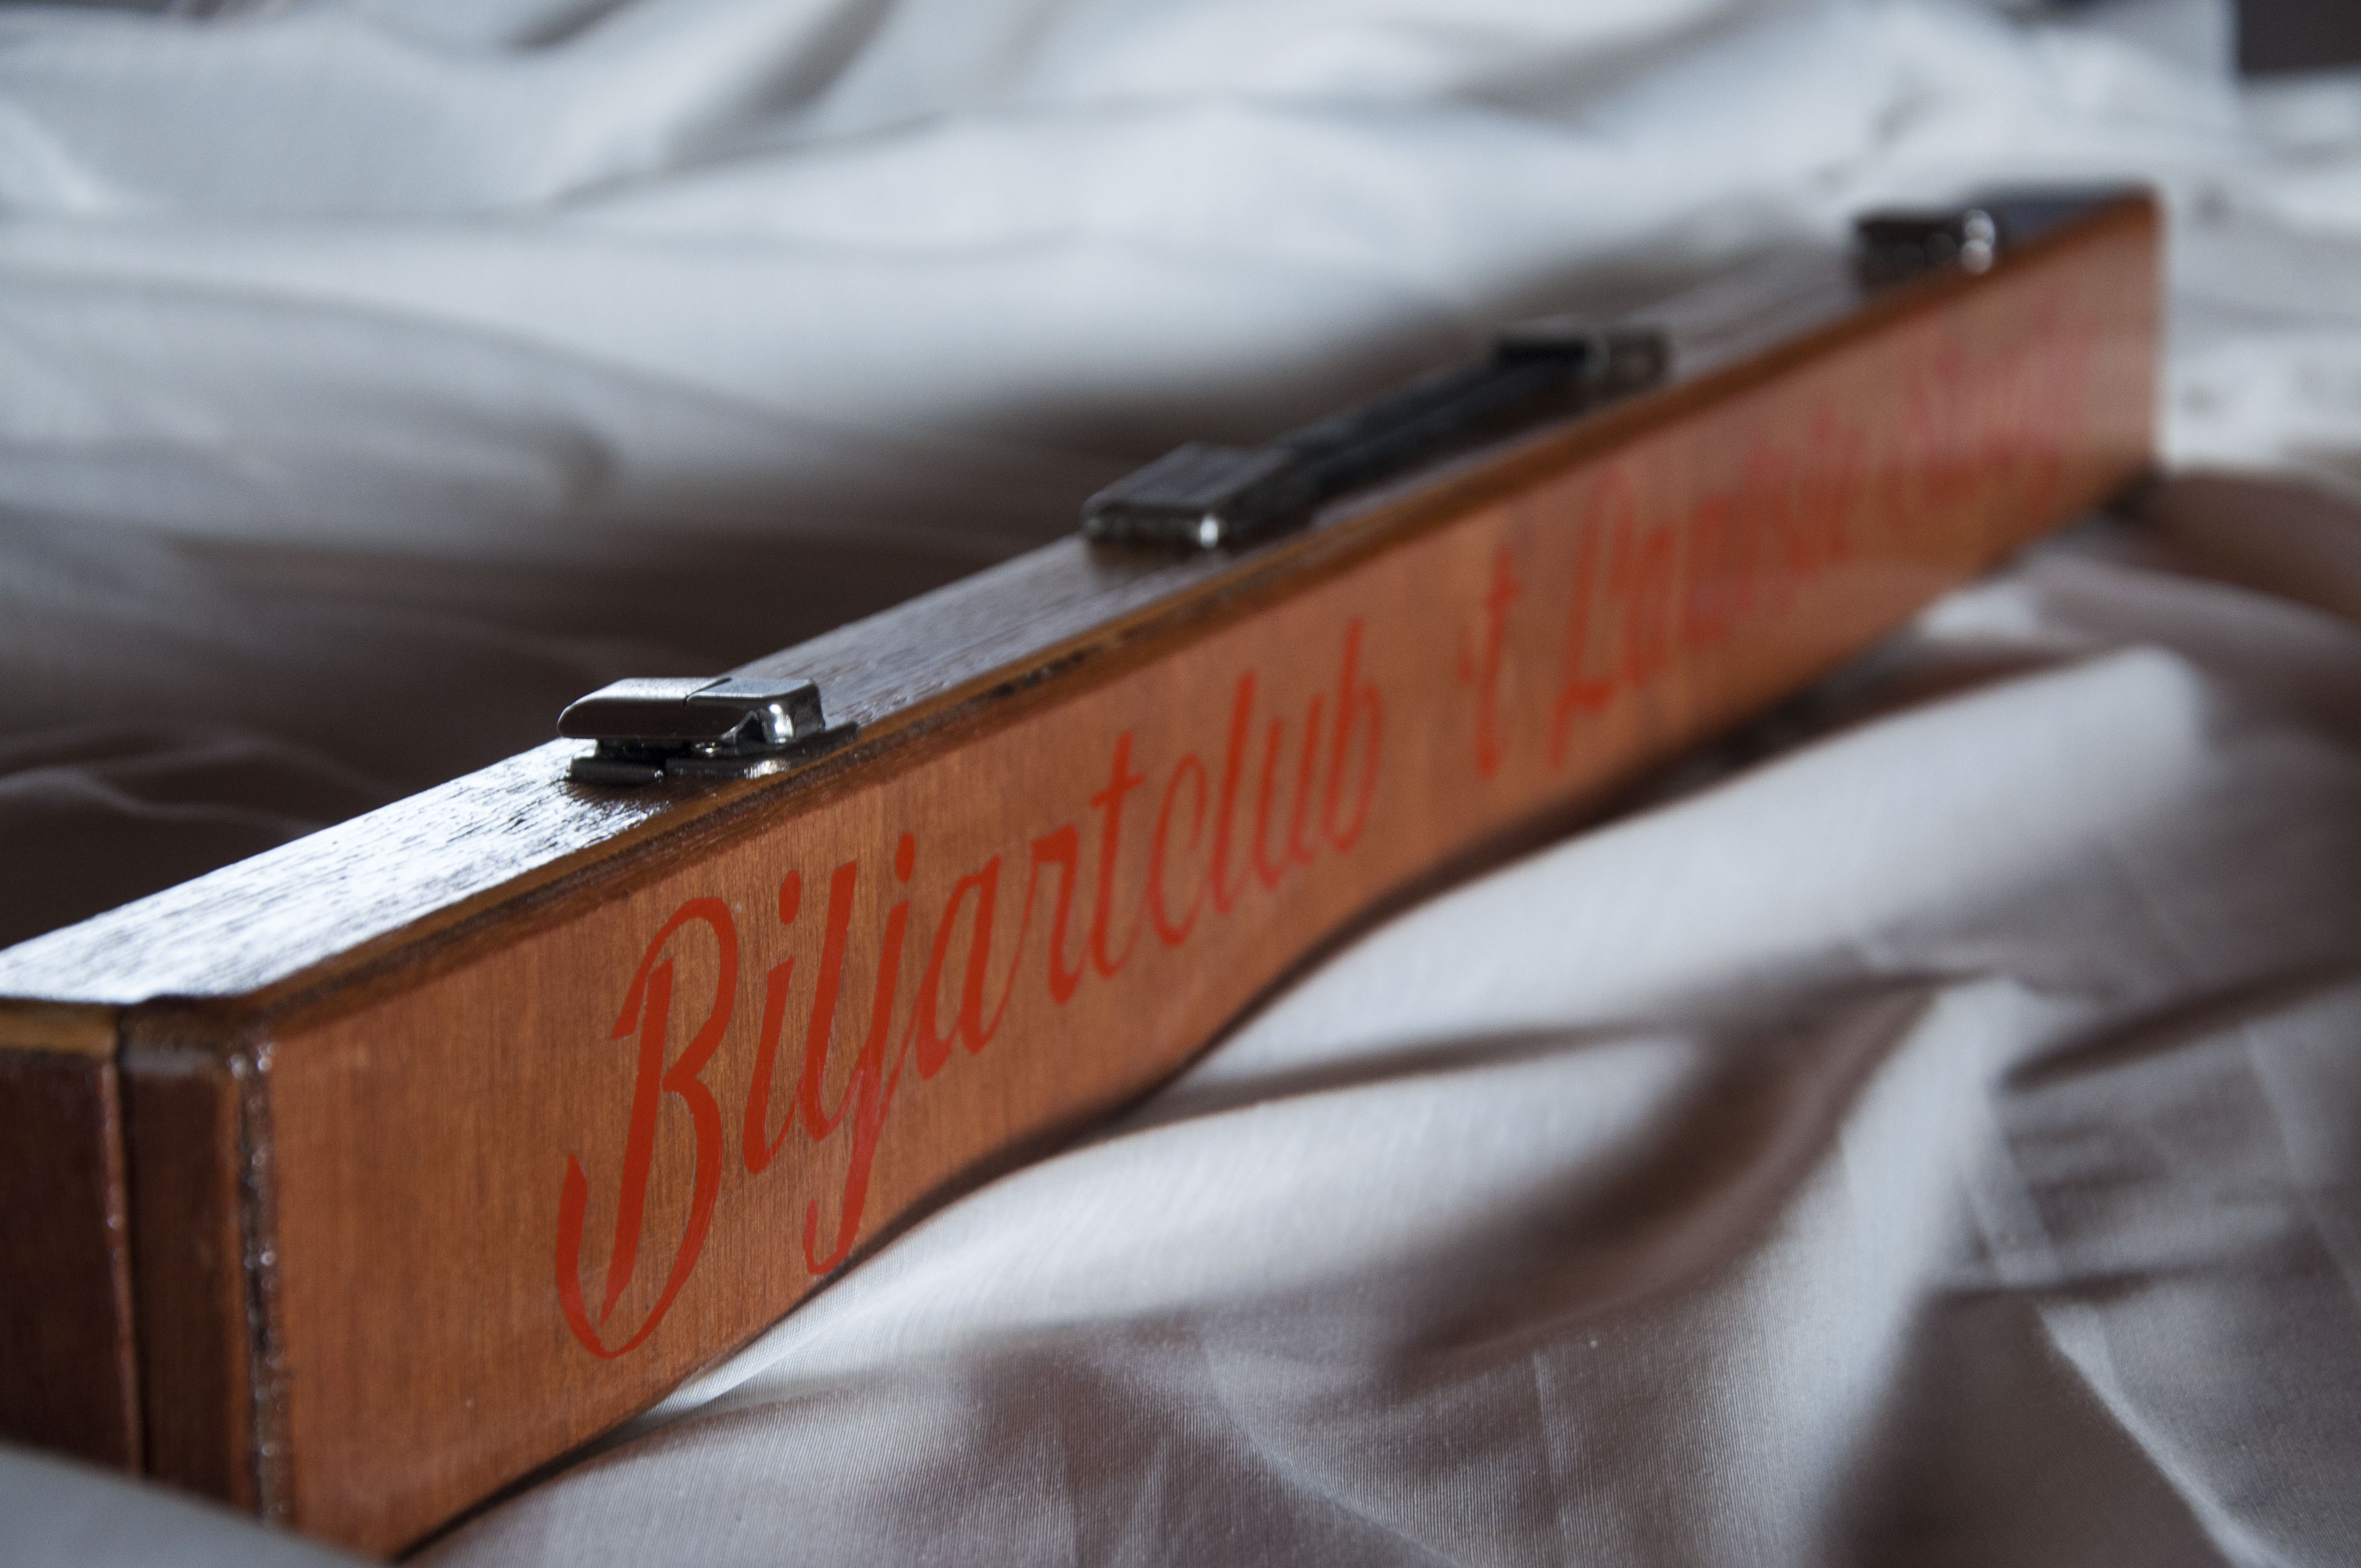 Billiardcase001